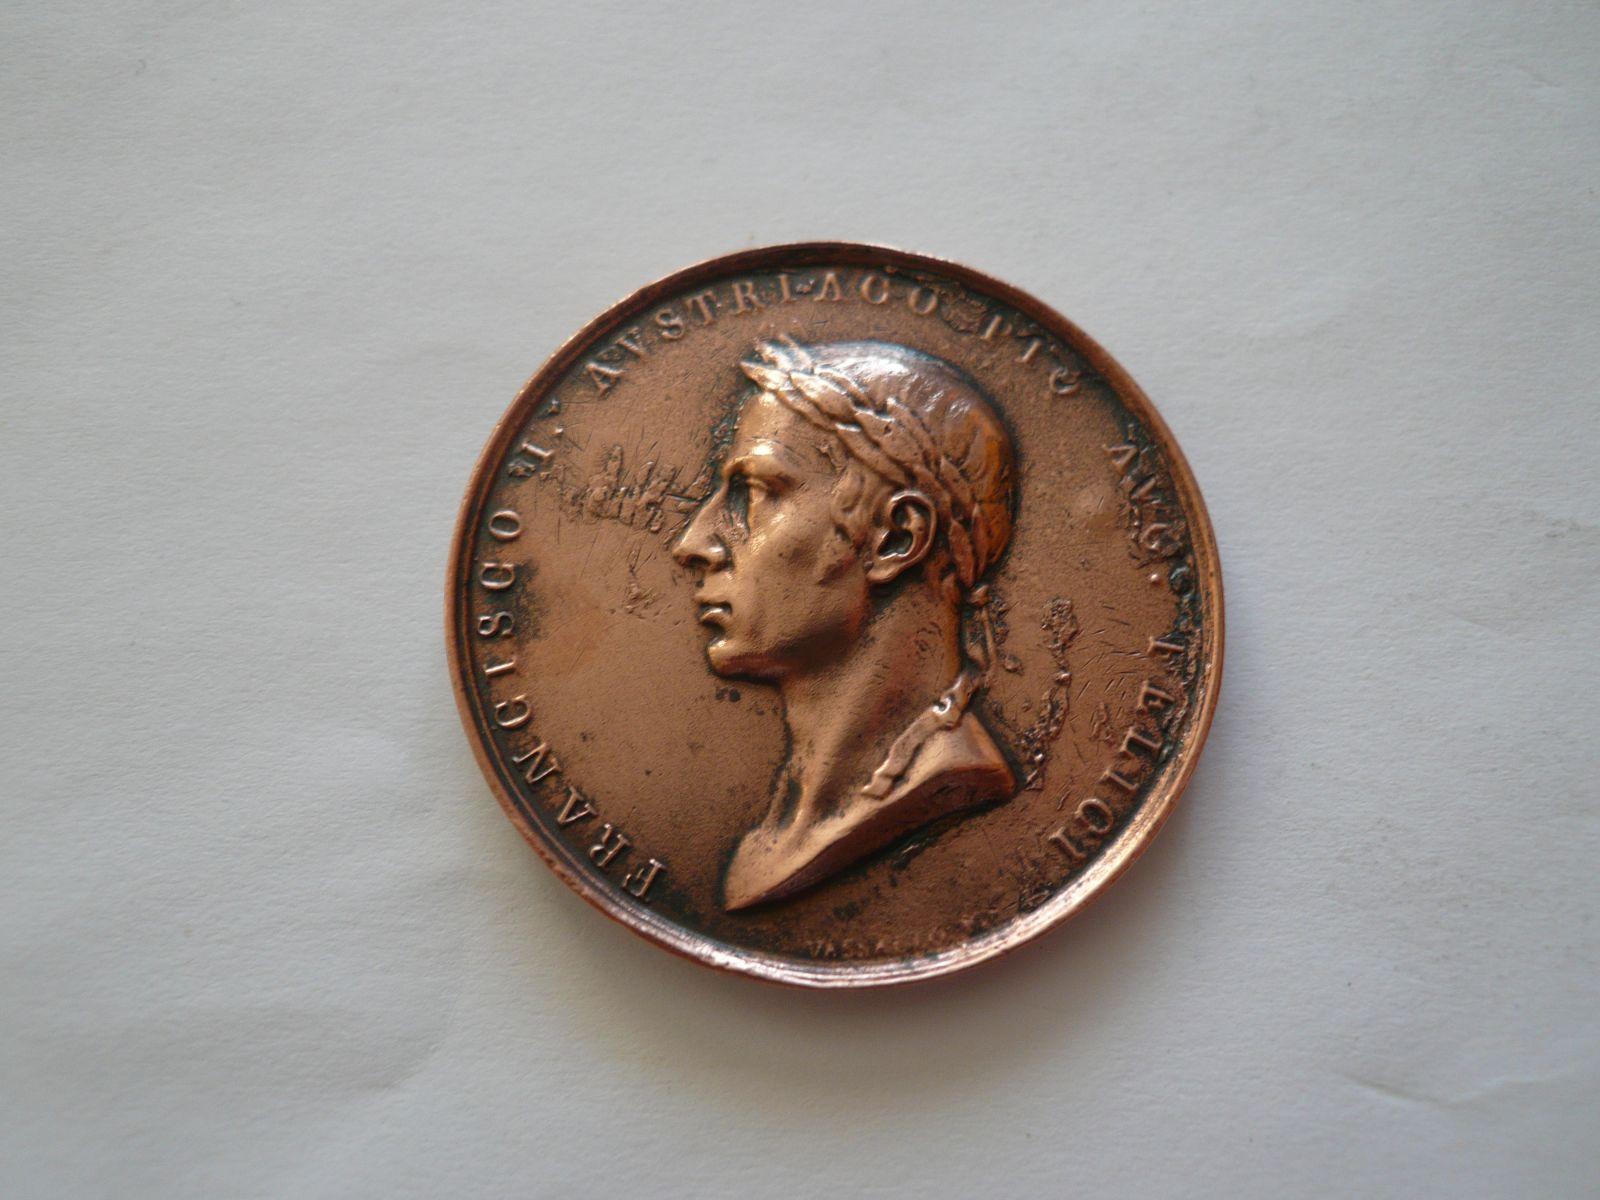 František II. Příjezd, Cu měď, pozdější ražba, 1815, Rakousko